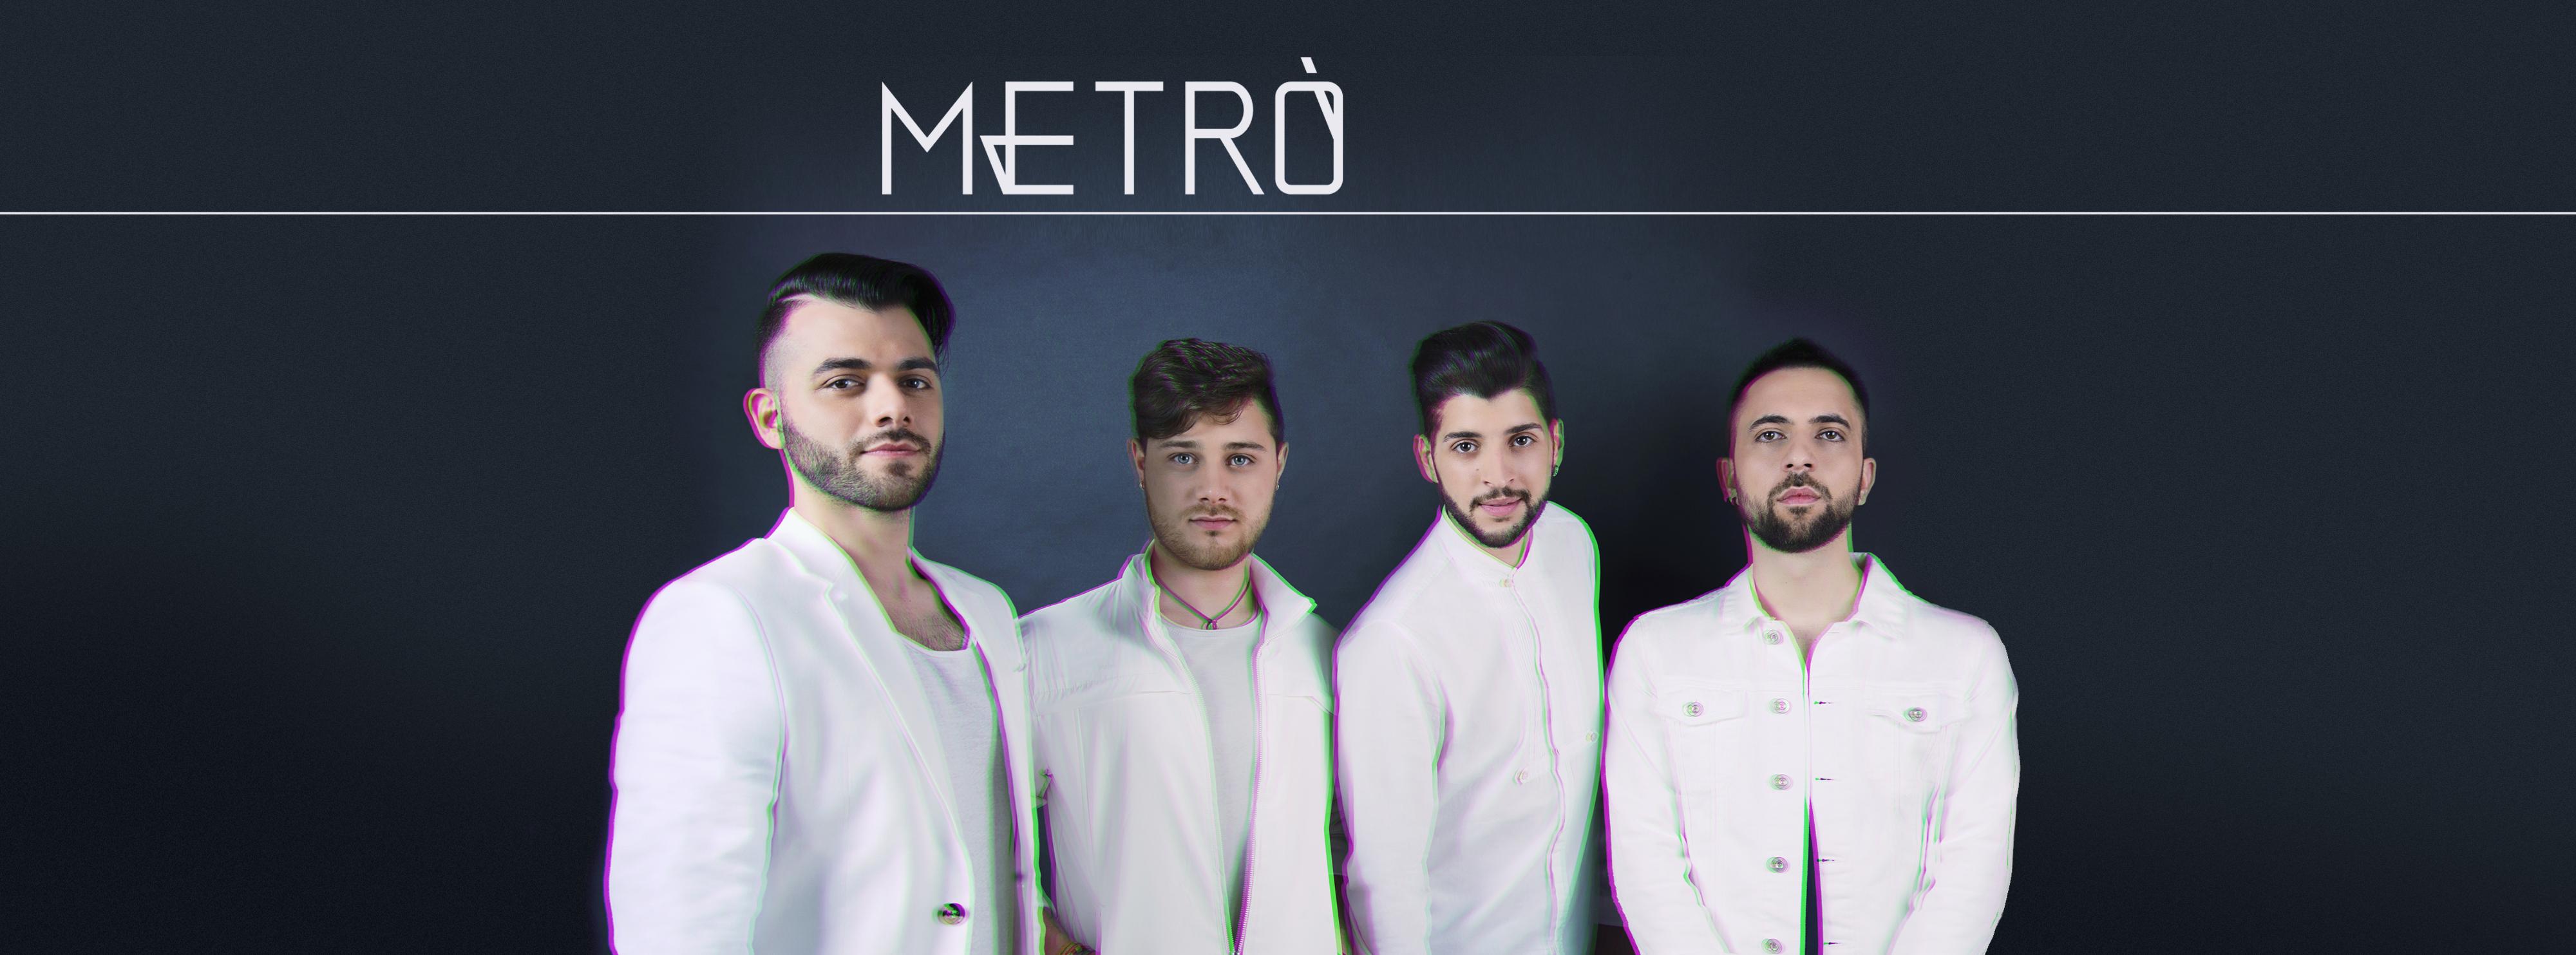 Valmontone - Metrò